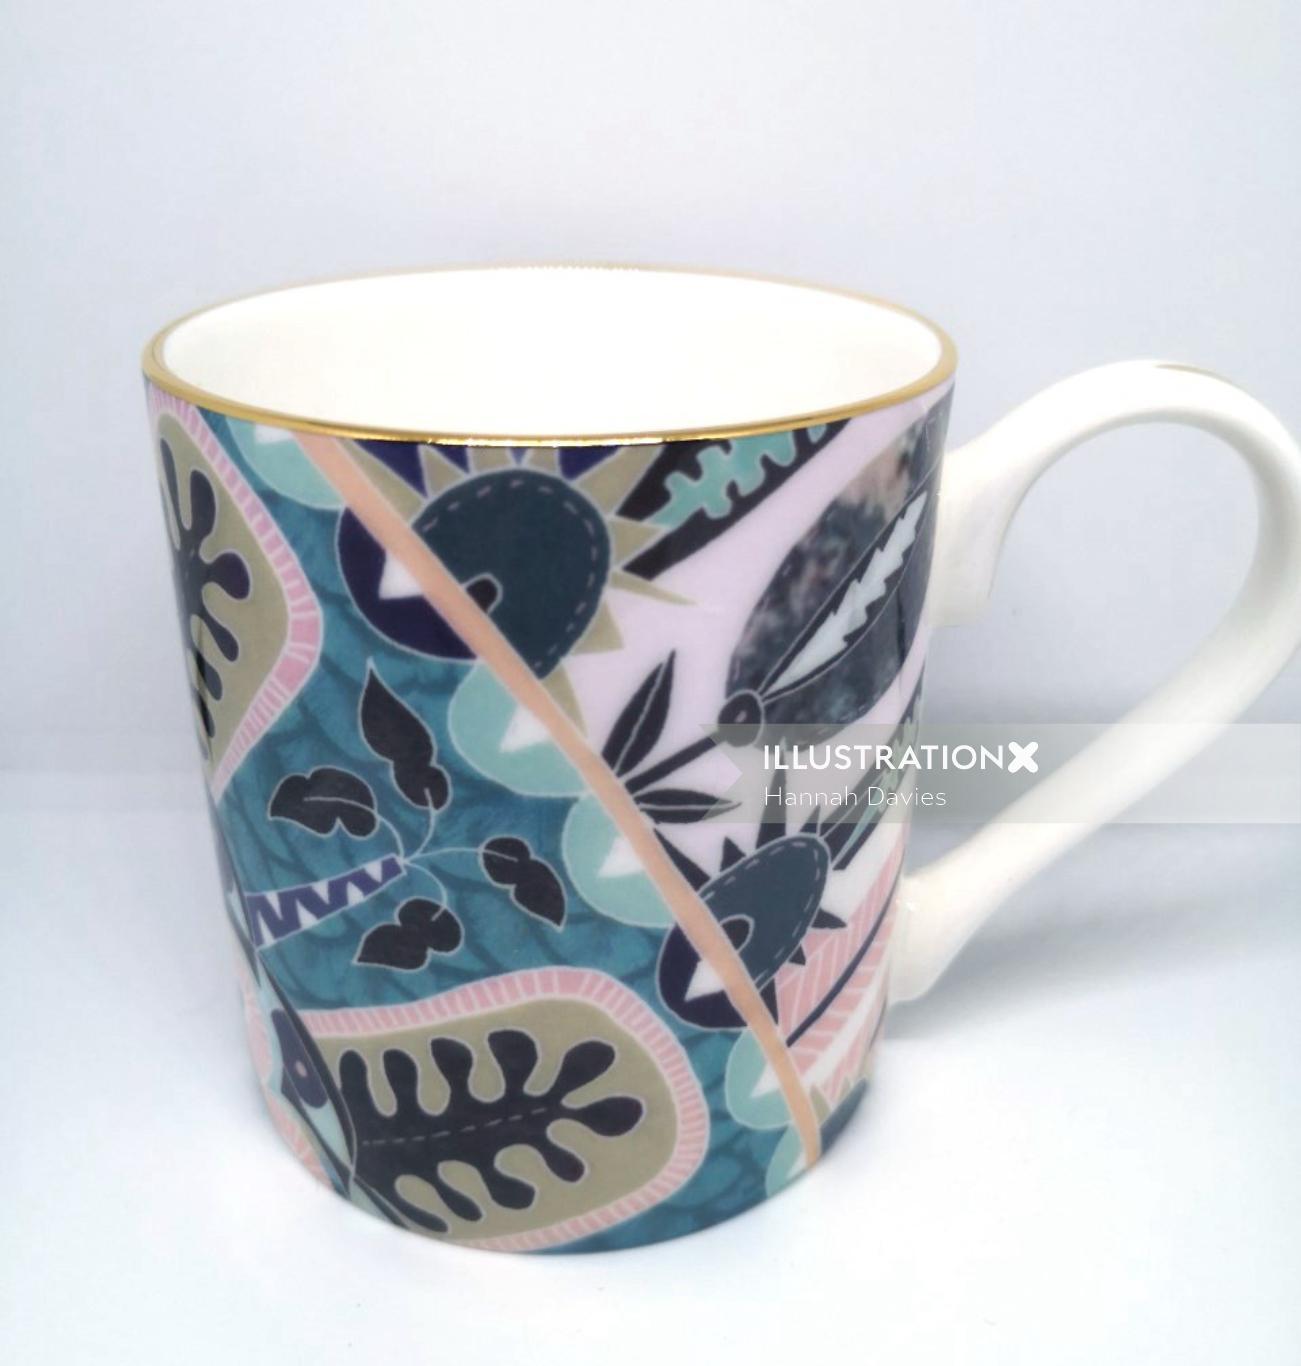 decorative detailed illustration of mug